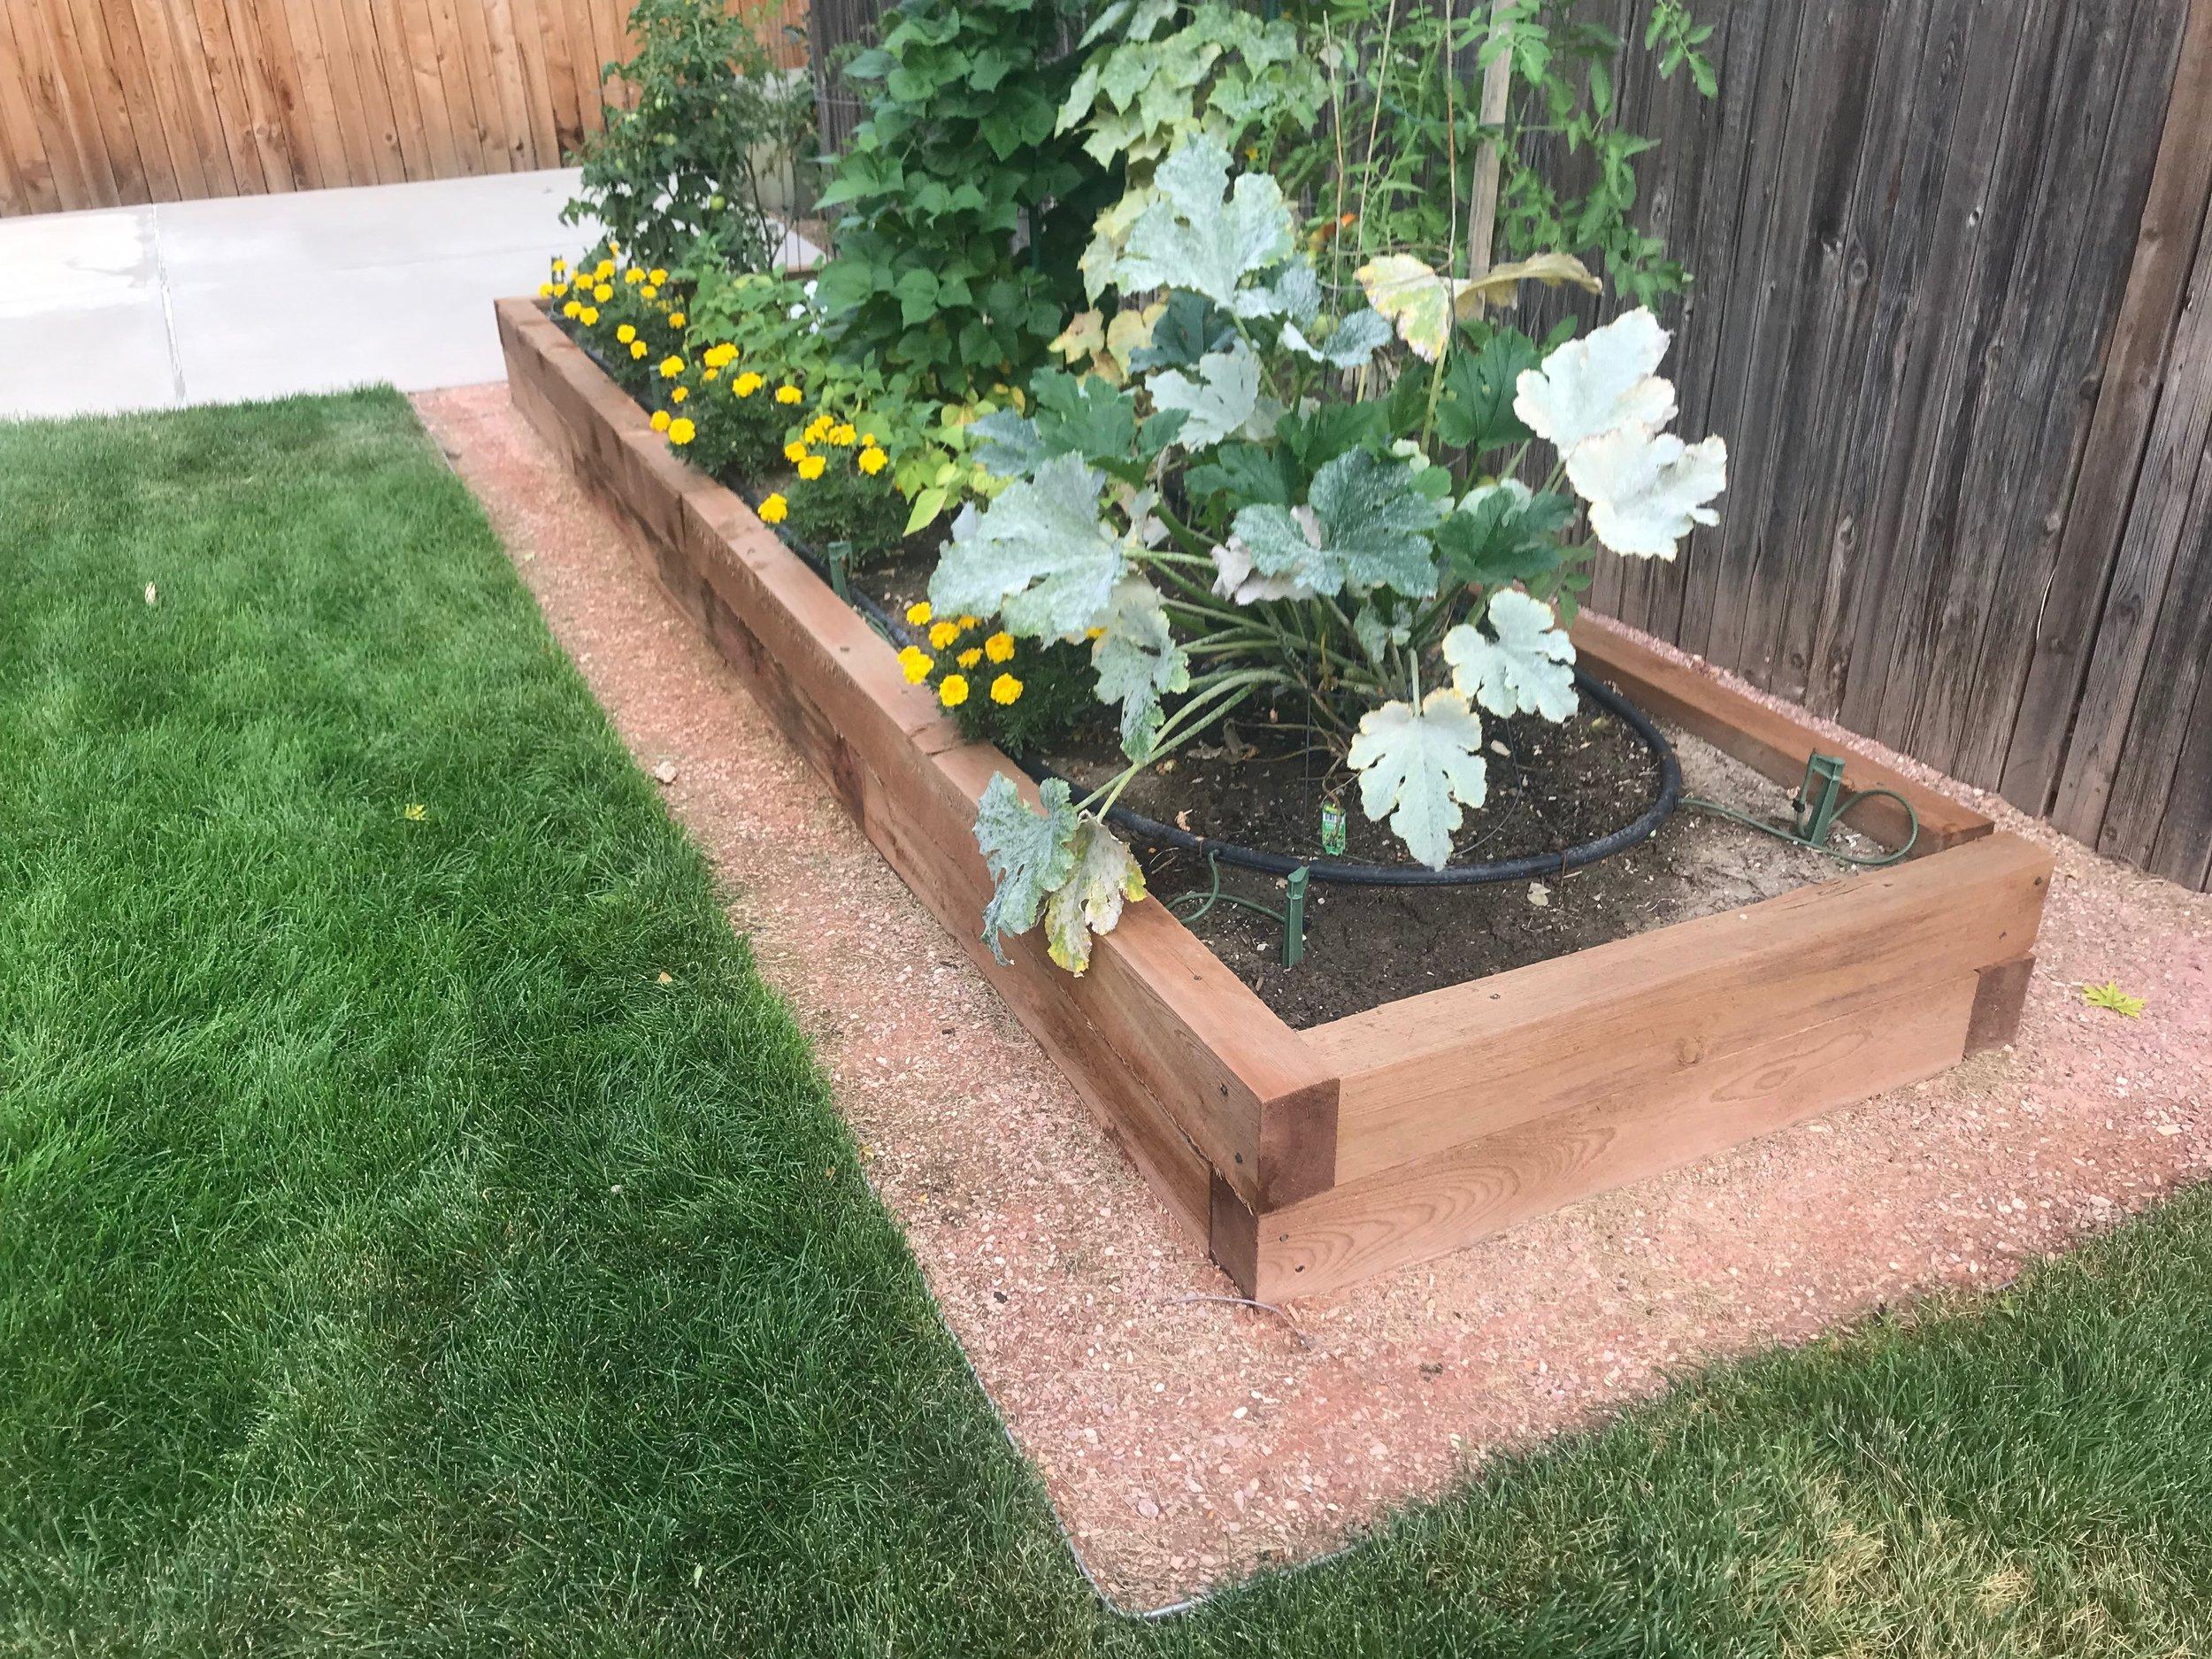 Hand-made planter box. 2019